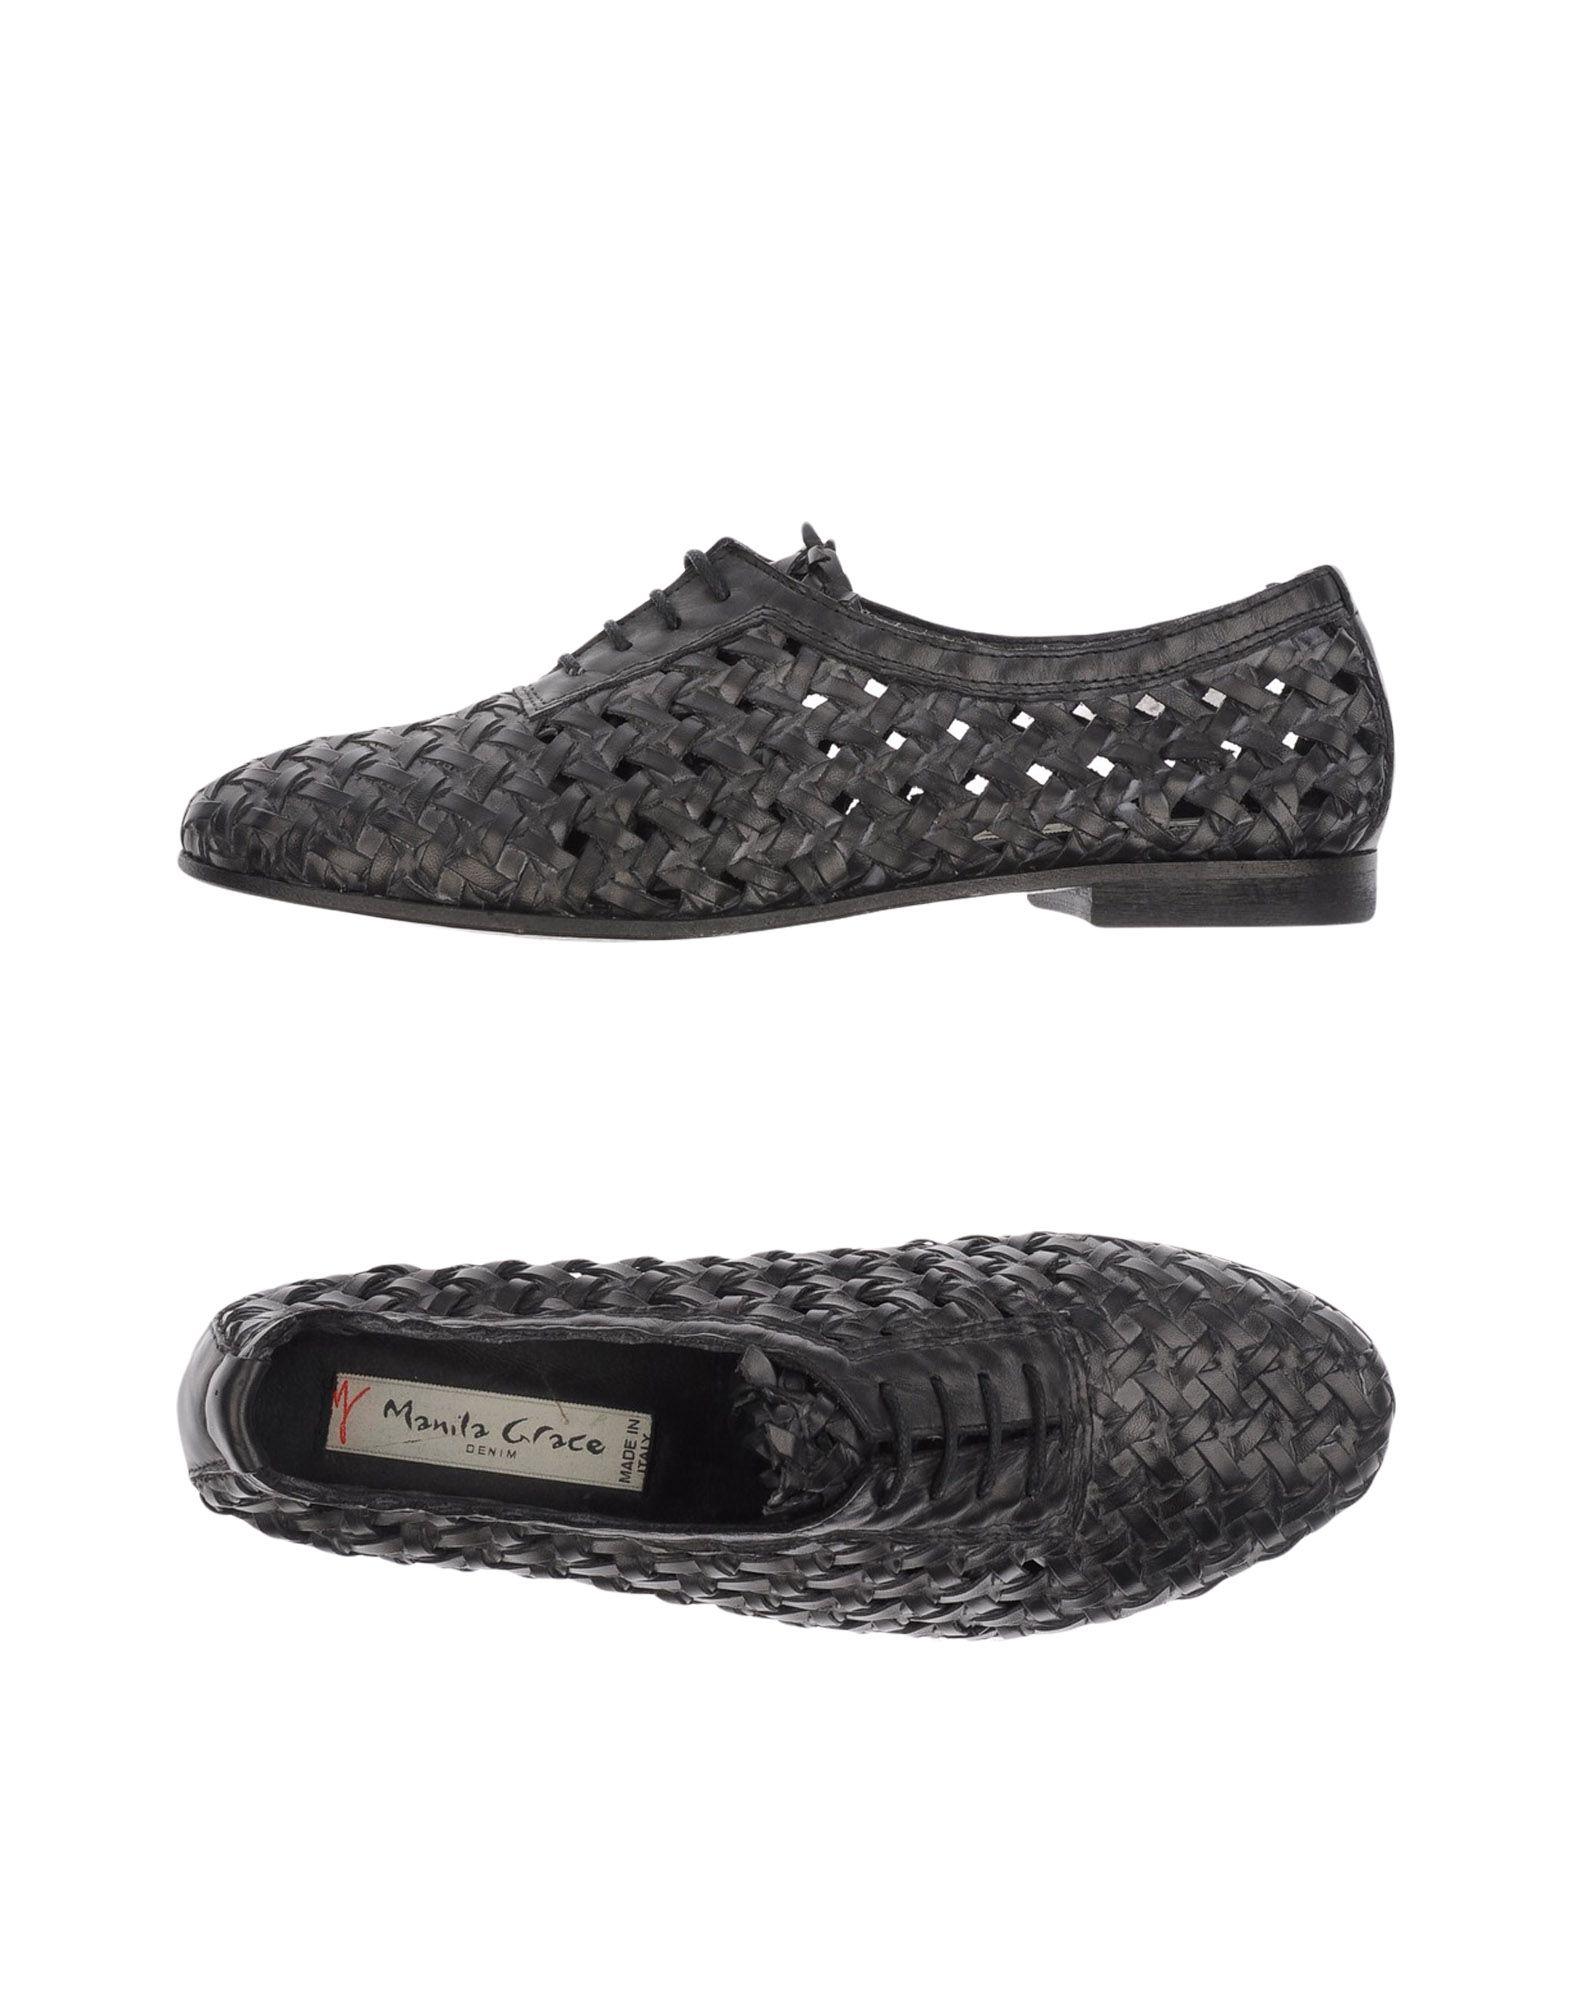 Tiempo limitado especial Zapato De Cordones Manila Grace Dim Dim Grace Mujer - Zapatos De Cordones Manila Grace Dim  Gris marengo 5c6356